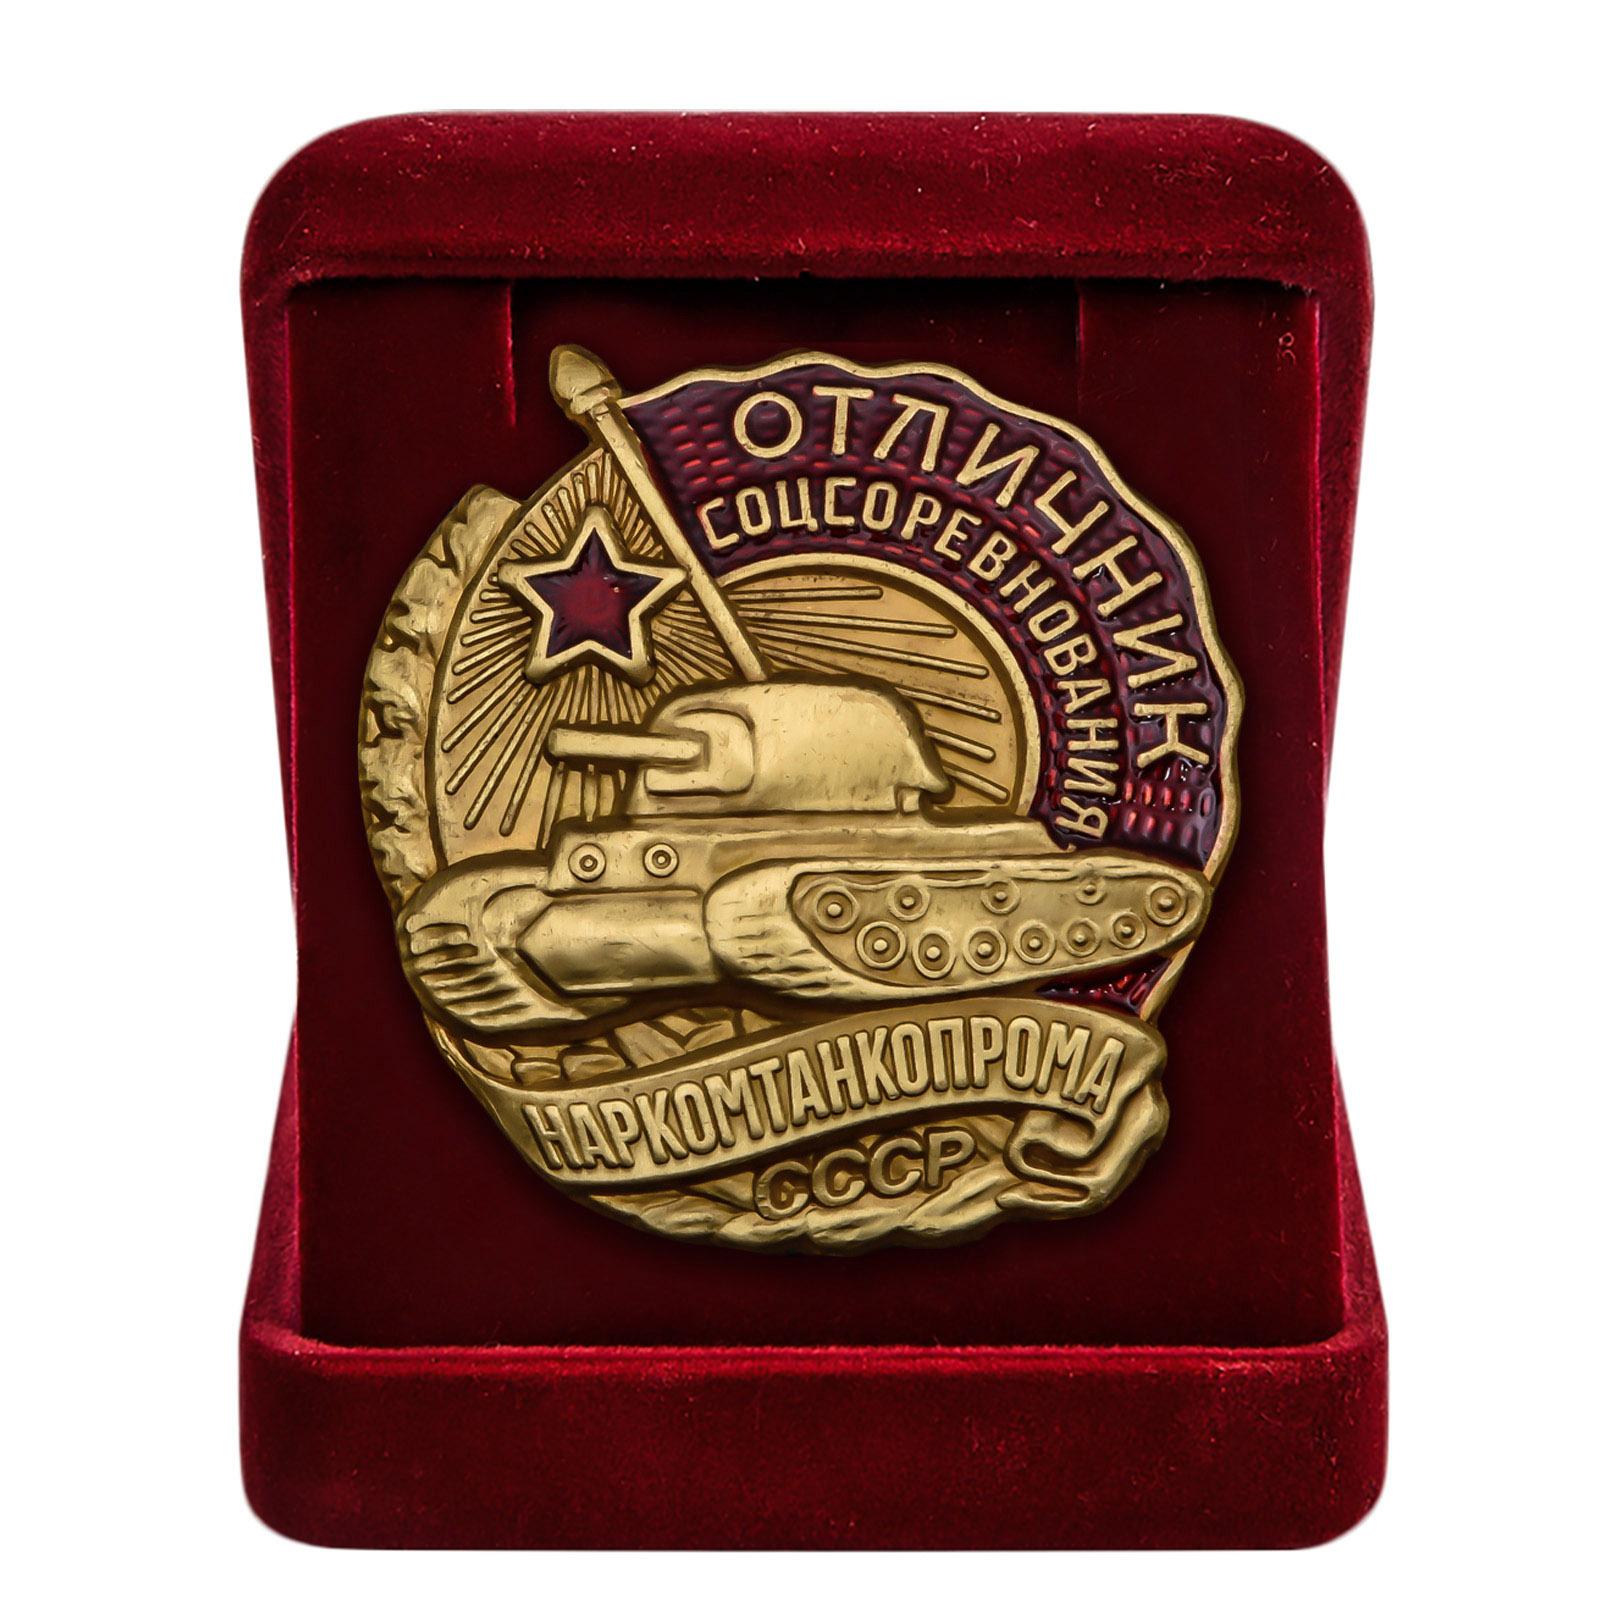 Купить наградной знак Отличник соцсоревнования Наркомтанкопрома СССР с доставкой безопасно